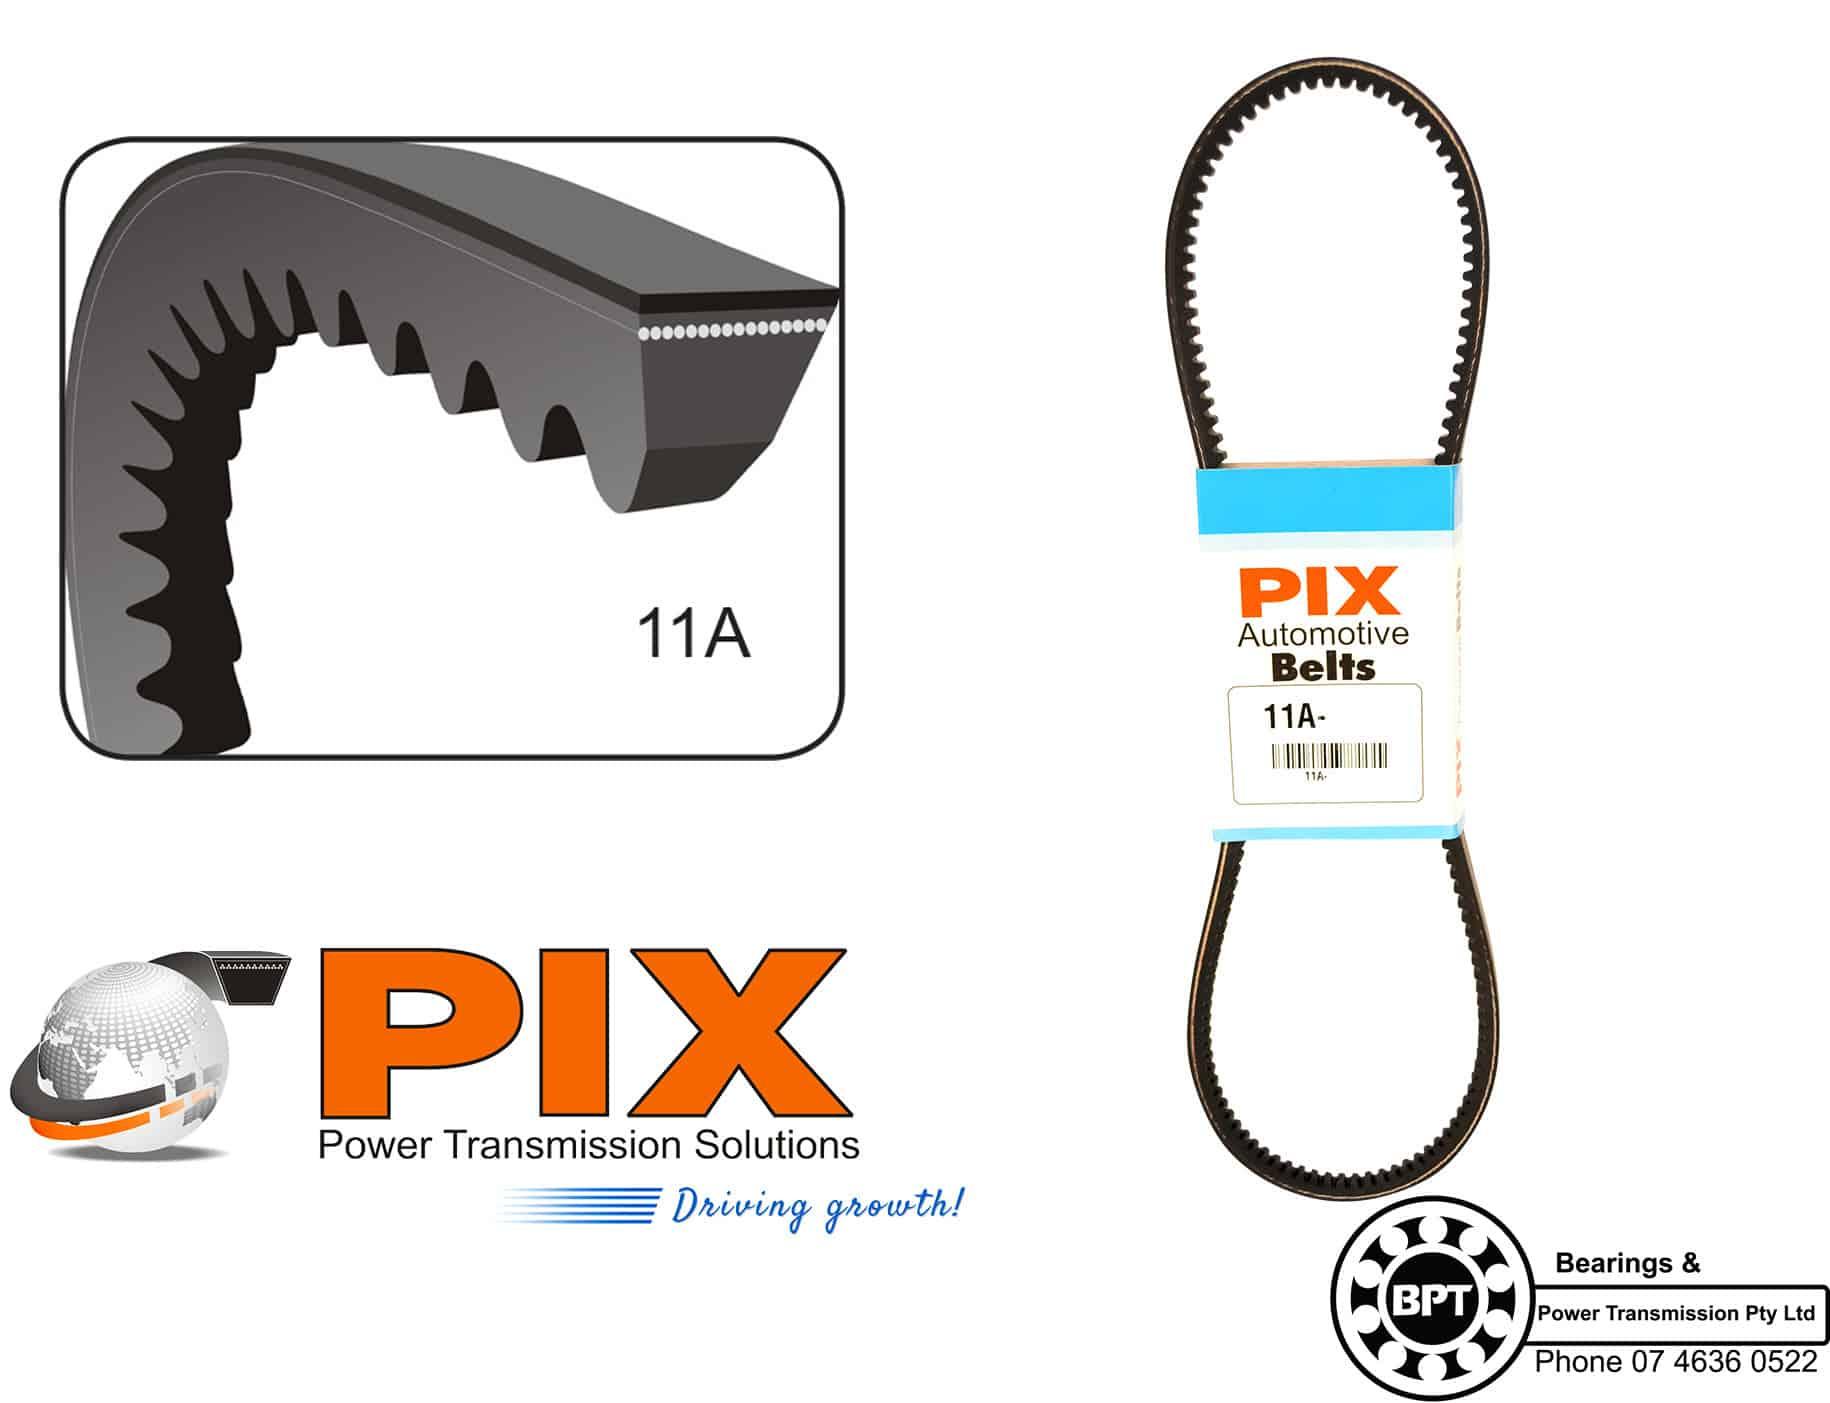 PIX 11A W